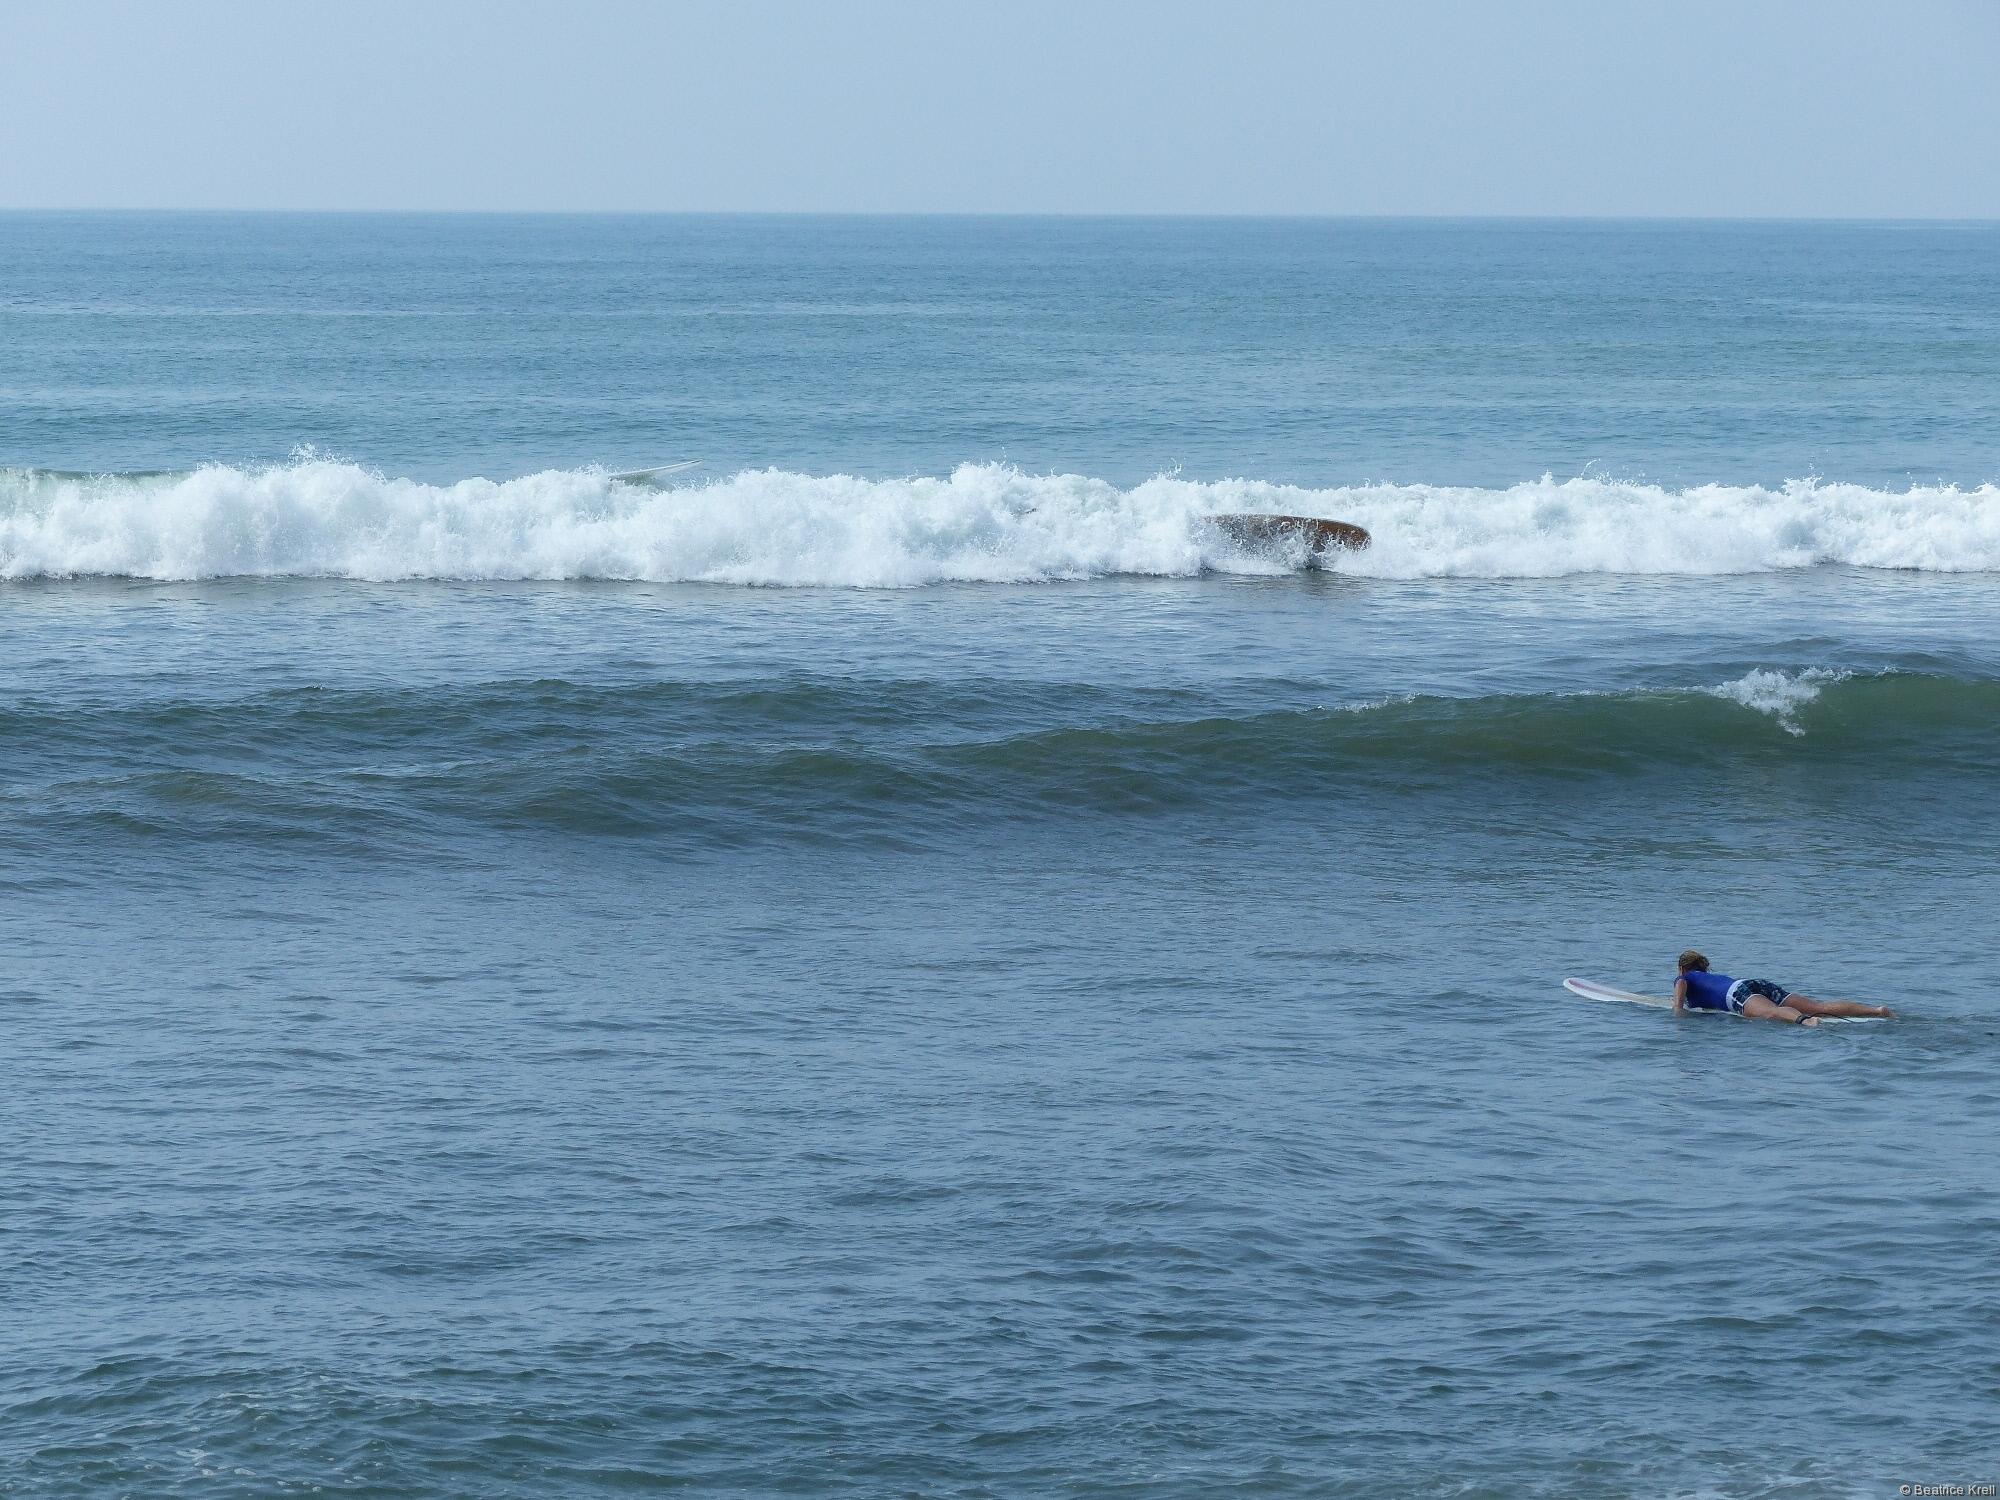 Mißlungener Surfversuch